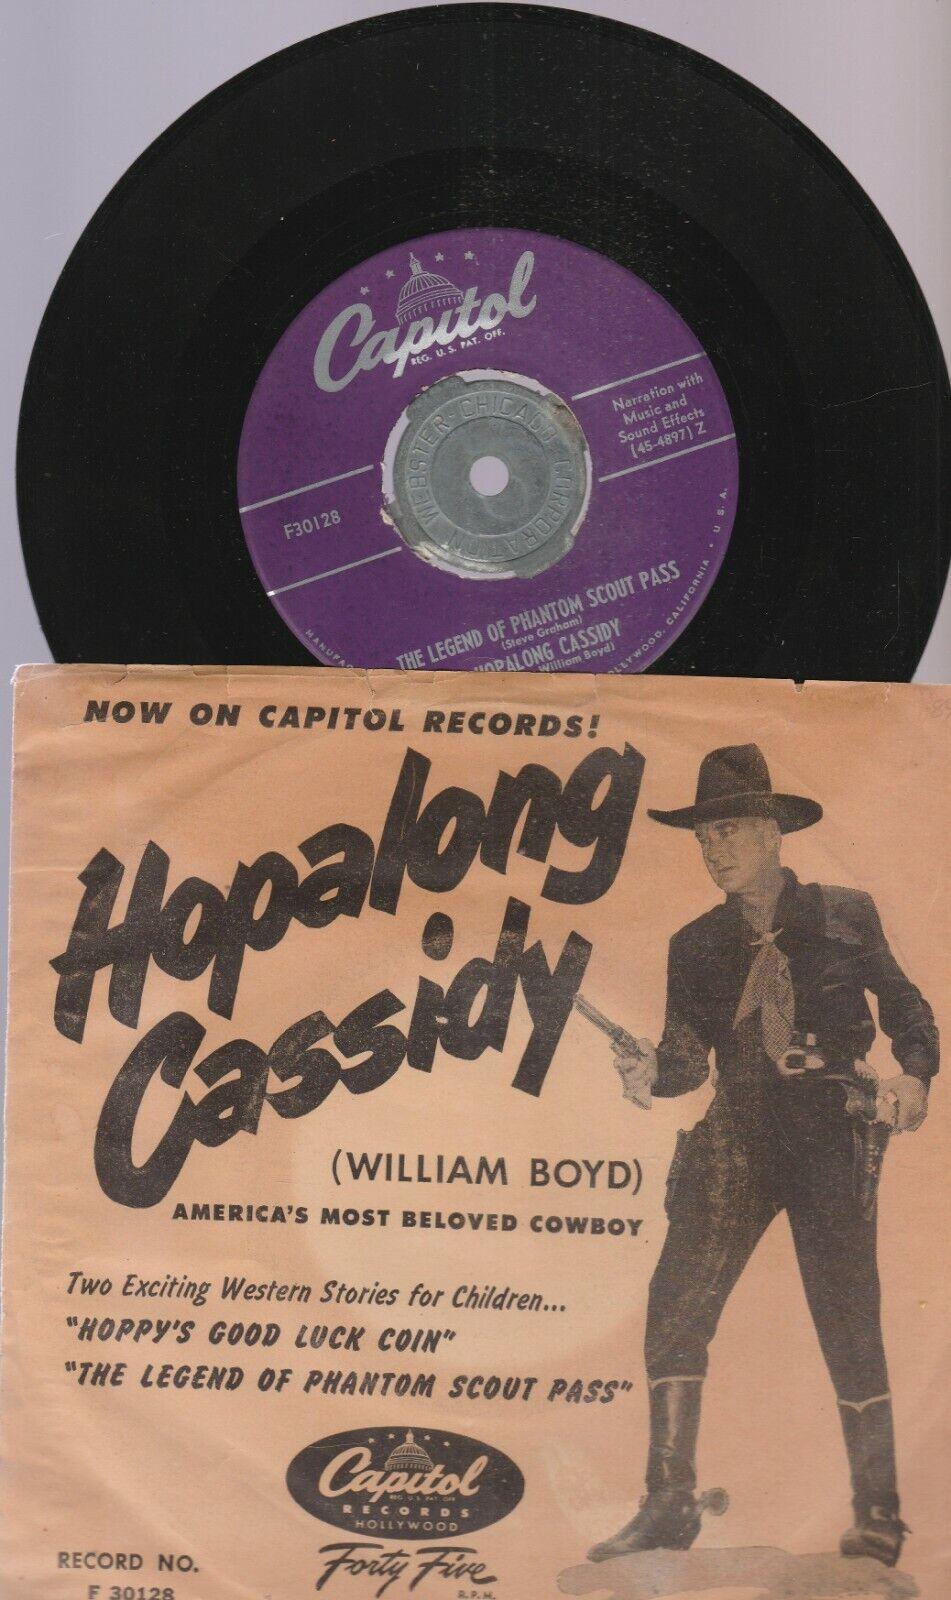 HOPALONG CASSIDY 1950'S CAPITOL REGISTER 45 -MED FOTO SLEEVE